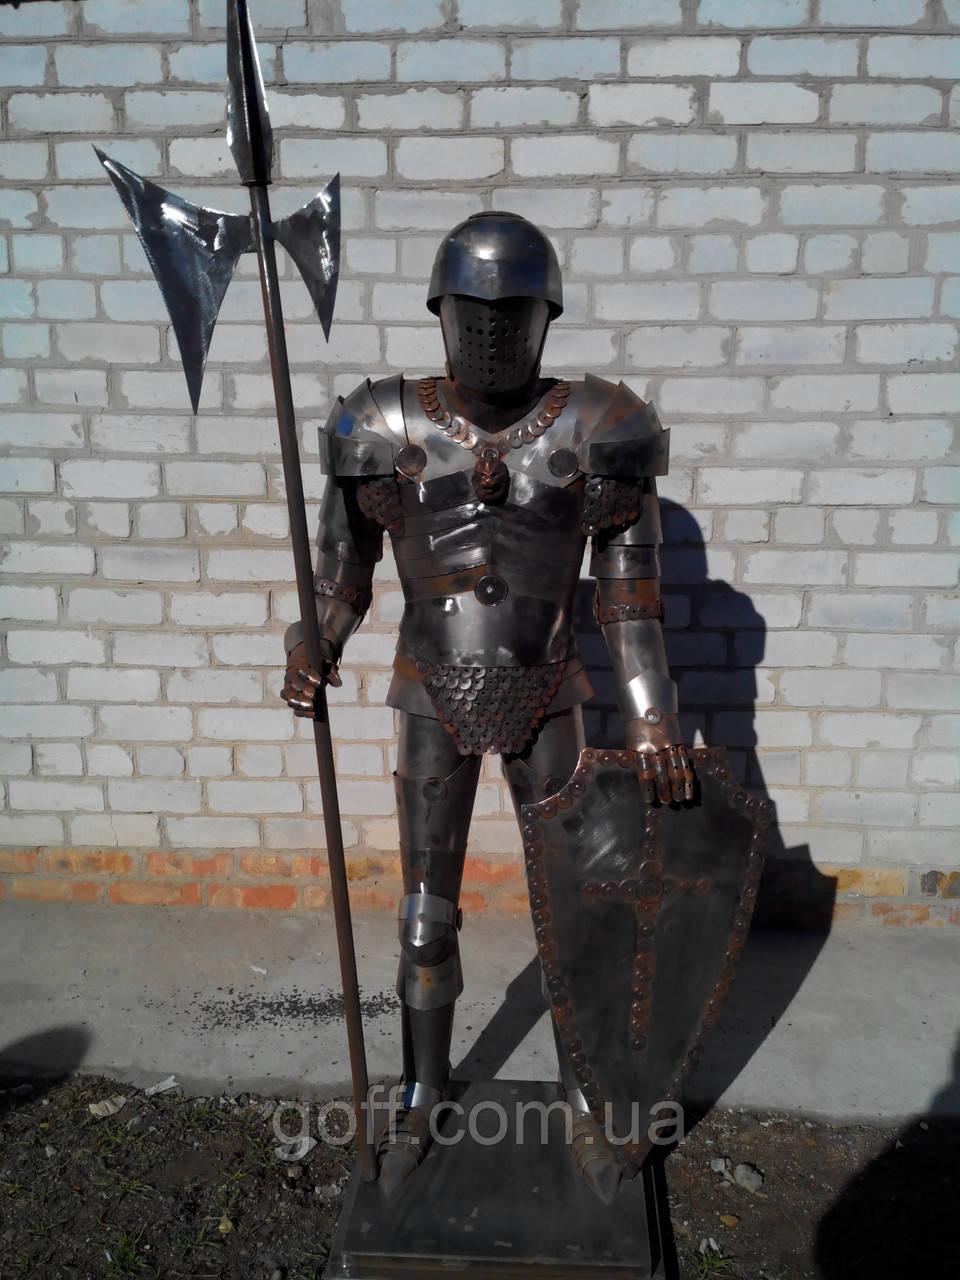 Металлический рыцарь, фото 1